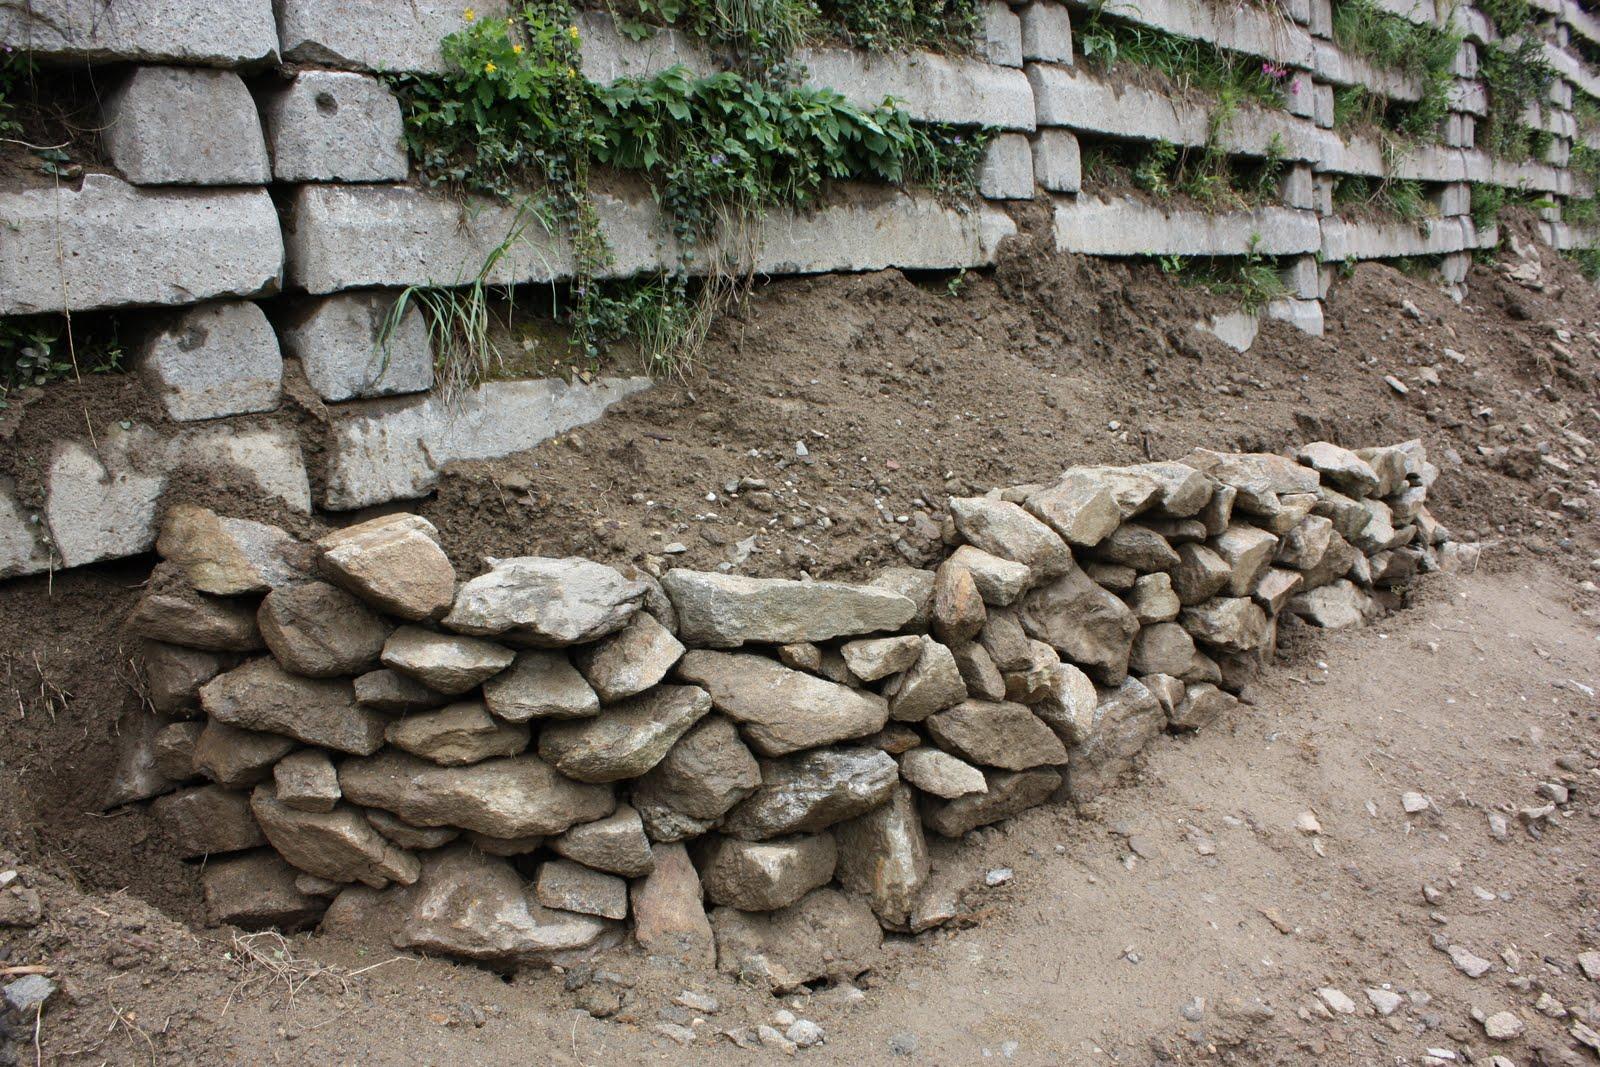 Gartenmobel Set Akazie : Bei den vielen Erdarbeiten, die momentan noch erforderlich sind